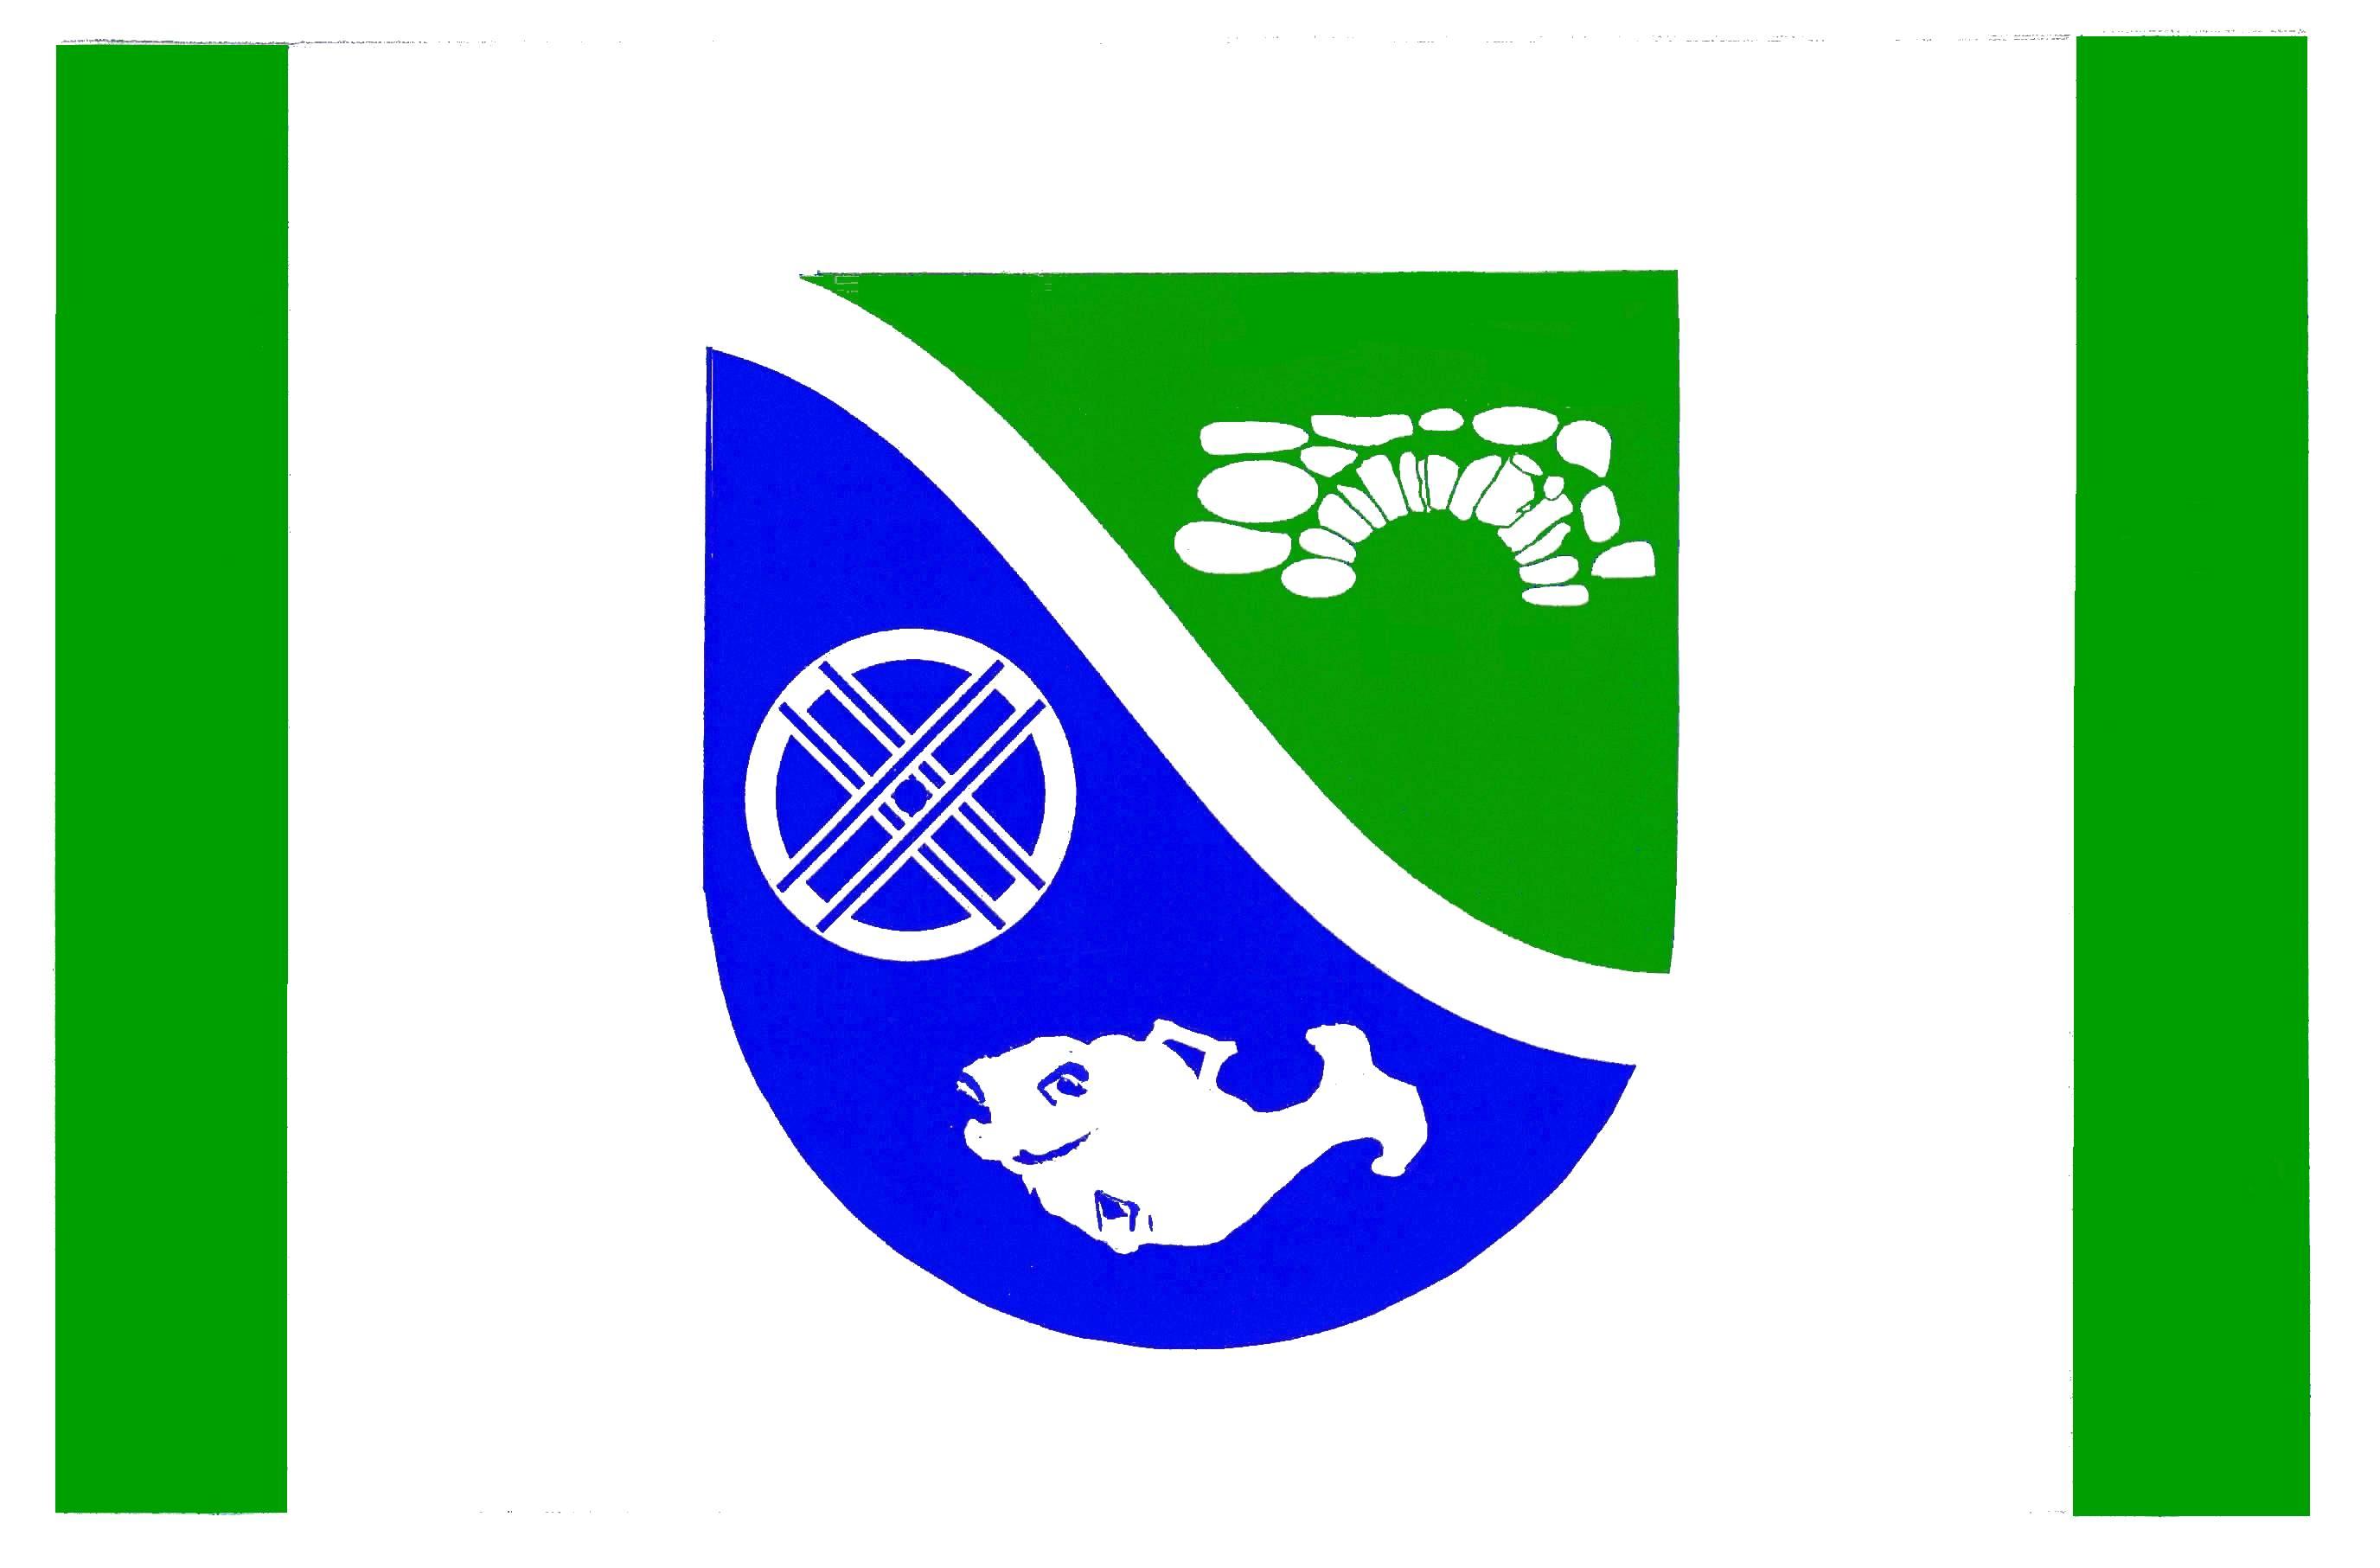 Flagge GemeindeMühlenrade, Kreis Herzogtum Lauenburg